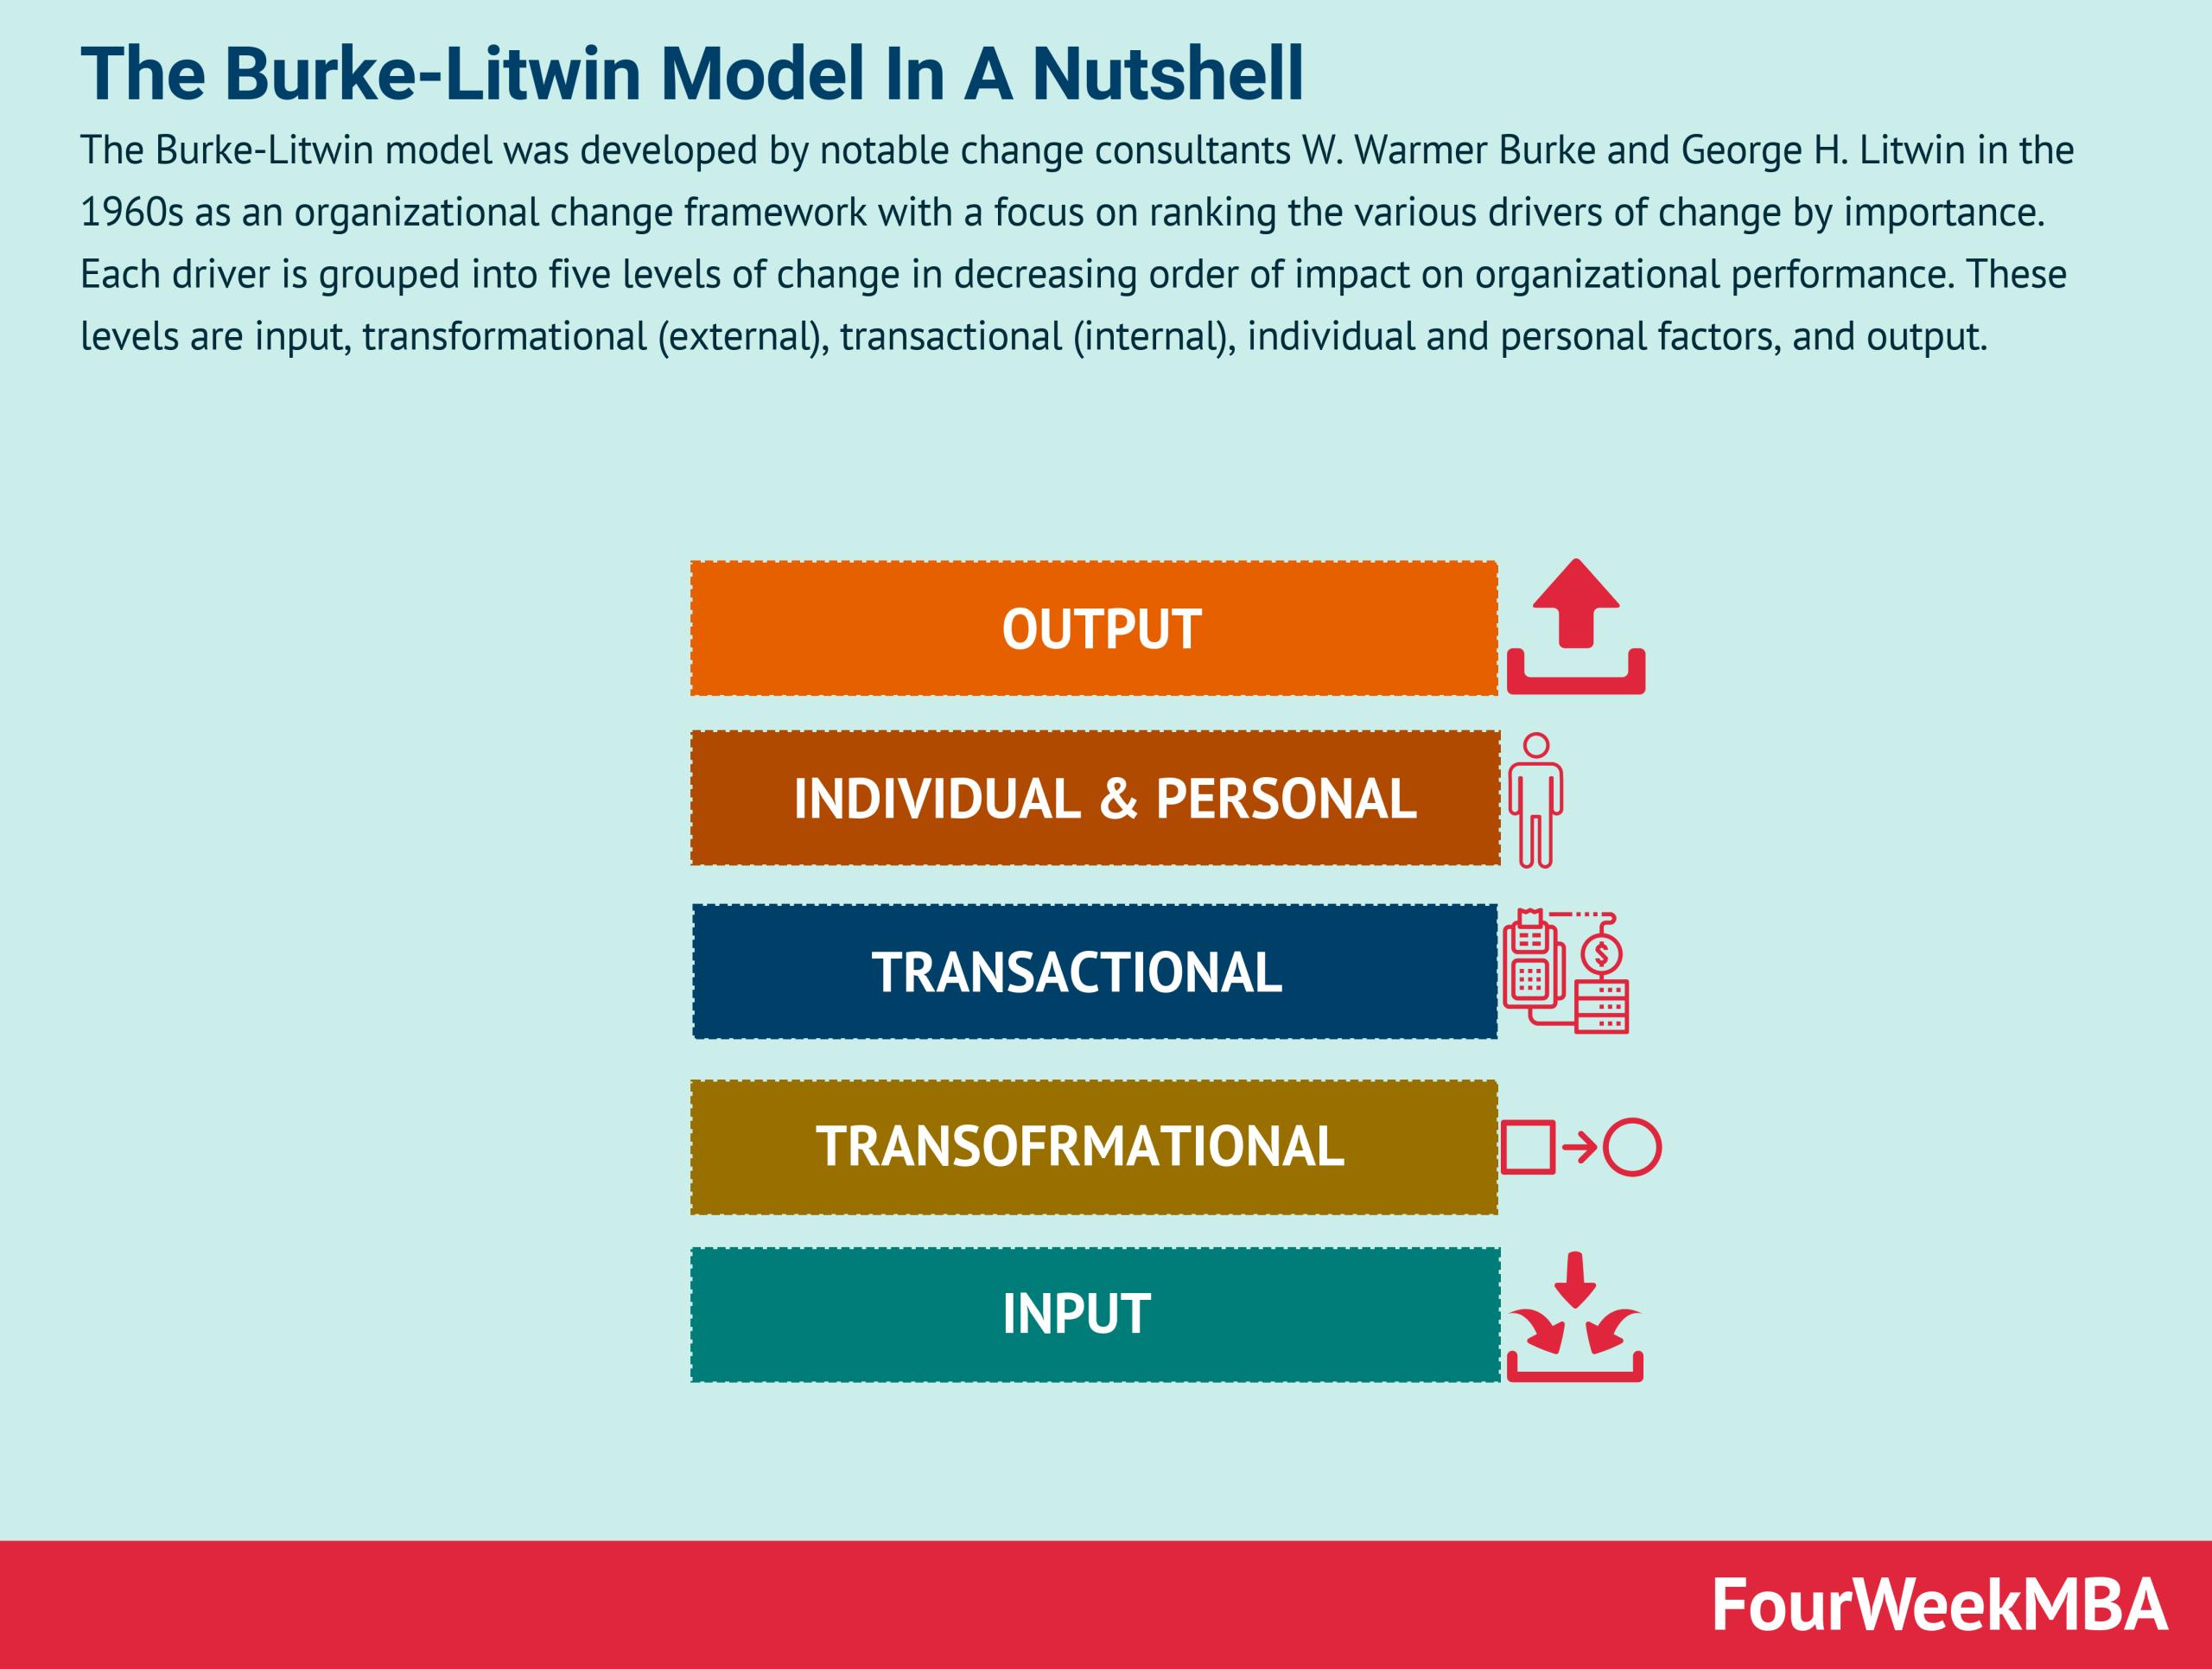 burke-litwin-model